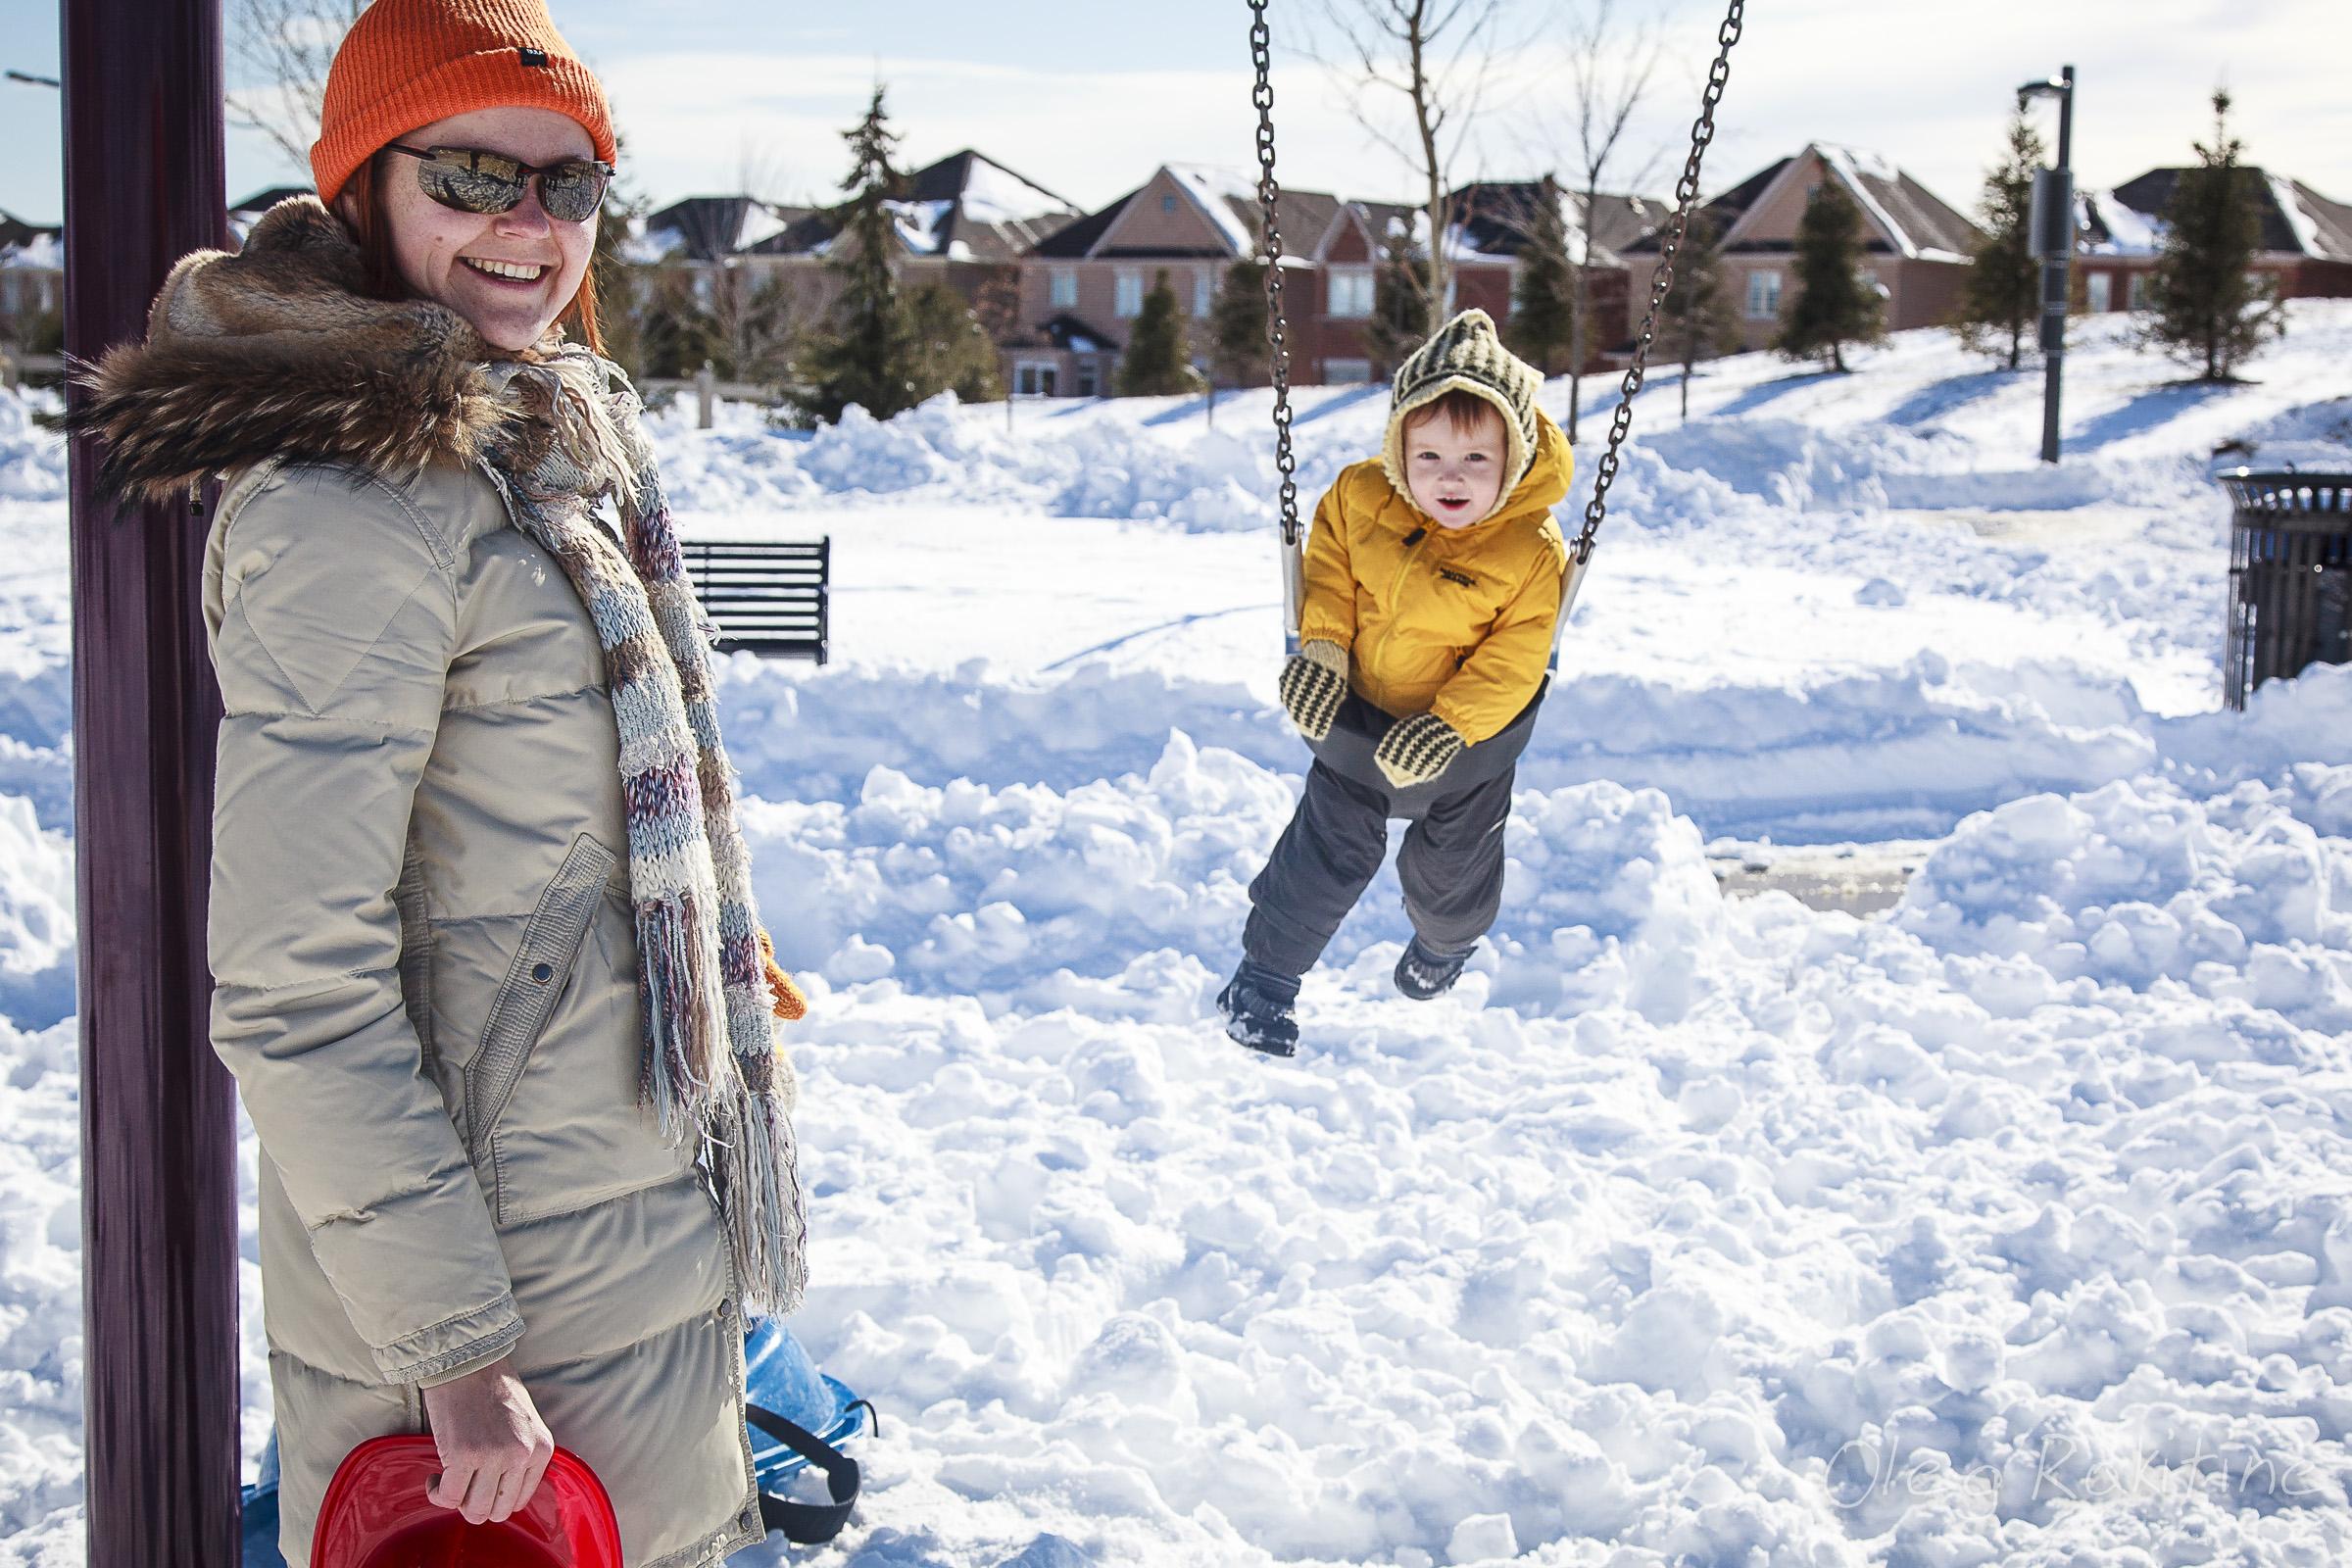 winter-festival-016.jpg